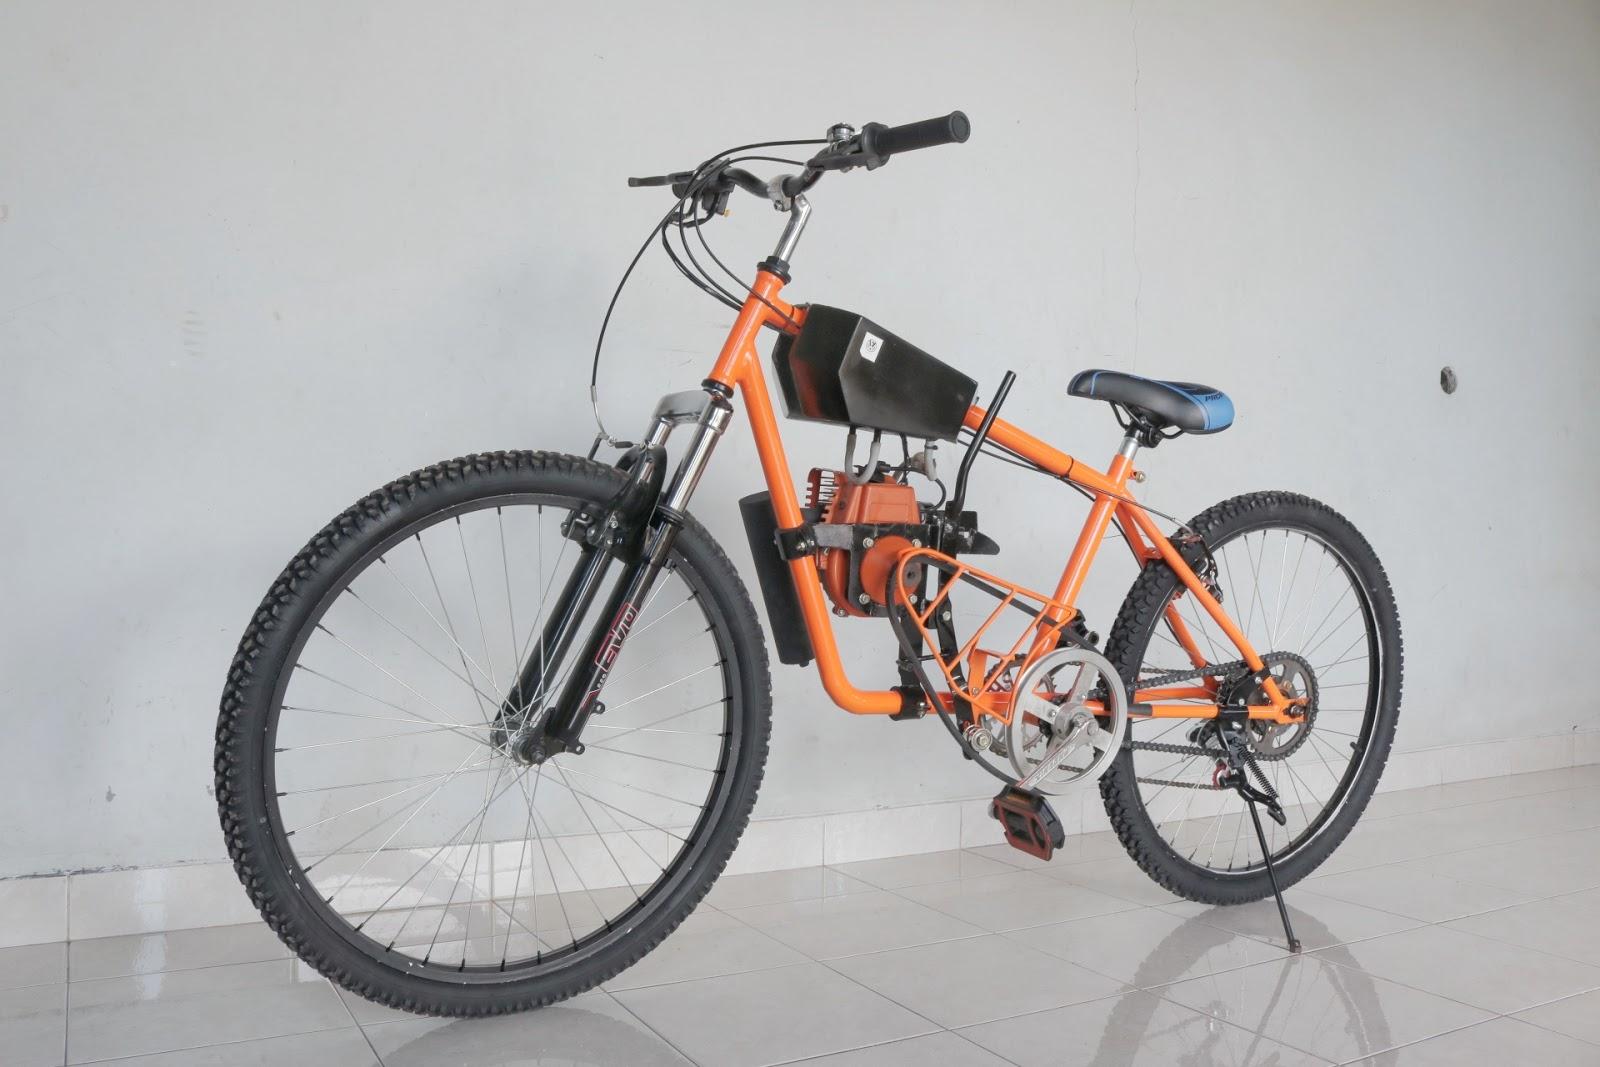 Modifikasi Sepeda Mesin Potong Rumput 35 5 Cc Info Motor Classic